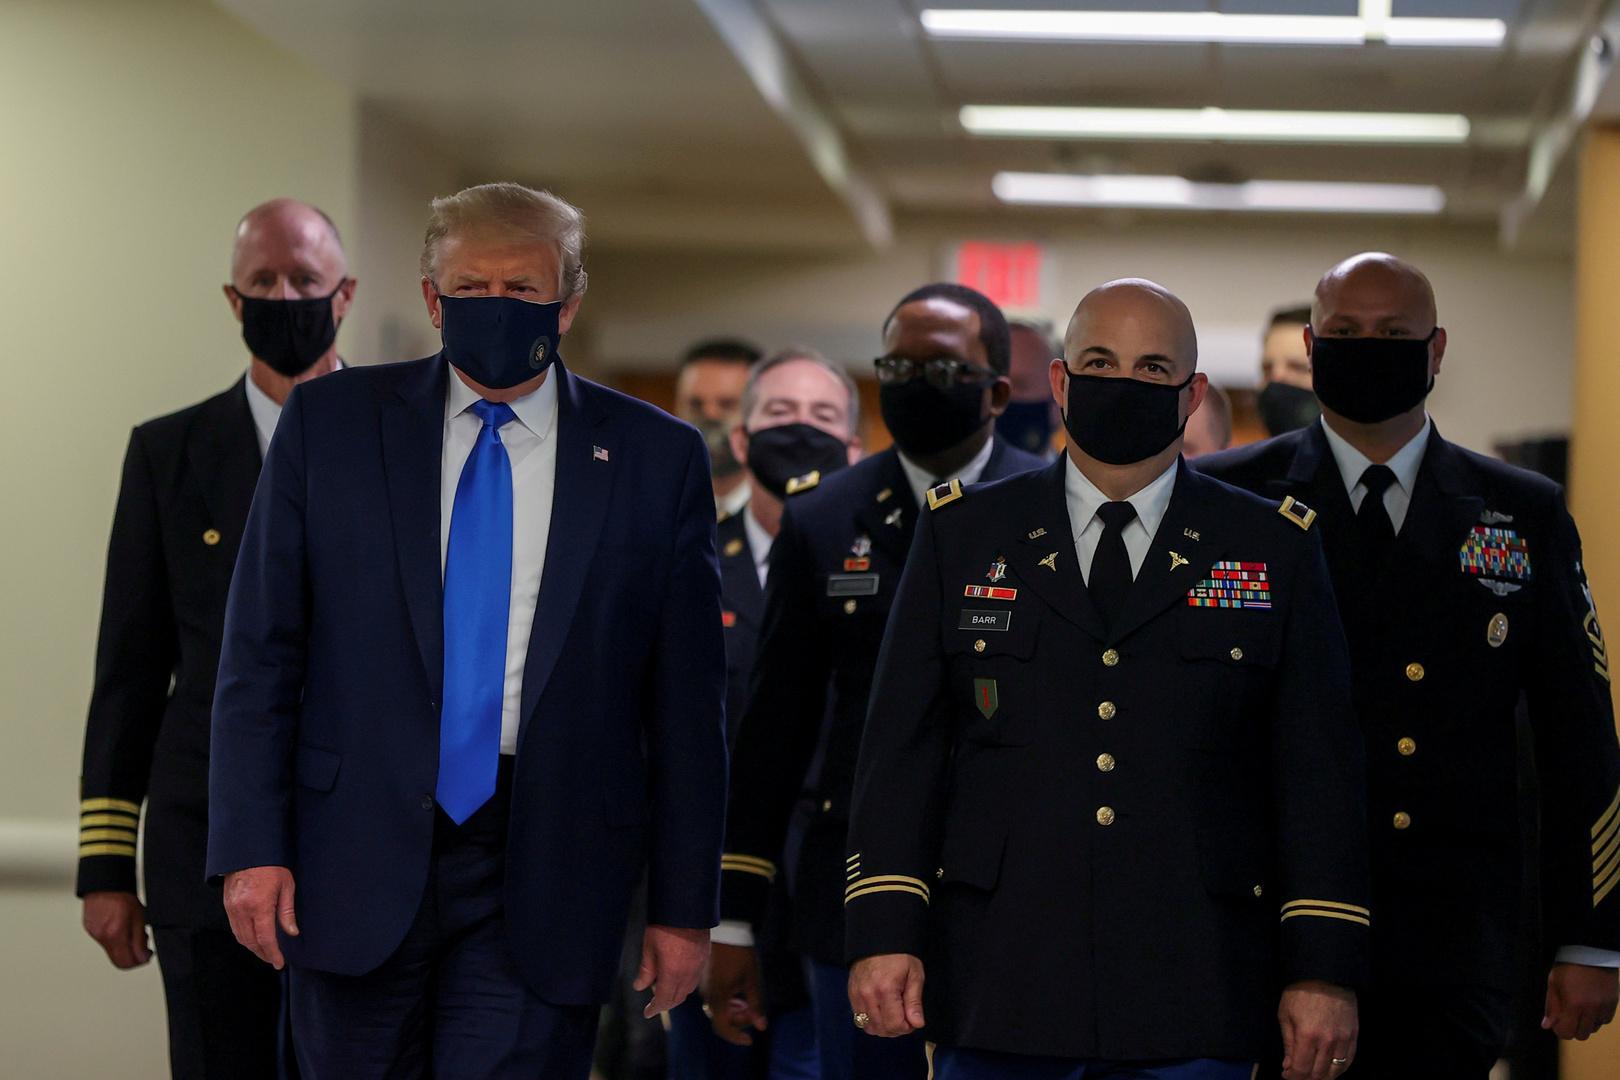 لماذا تحول ارتداء الكمامات إلى قضية سياسية في أمريكا؟